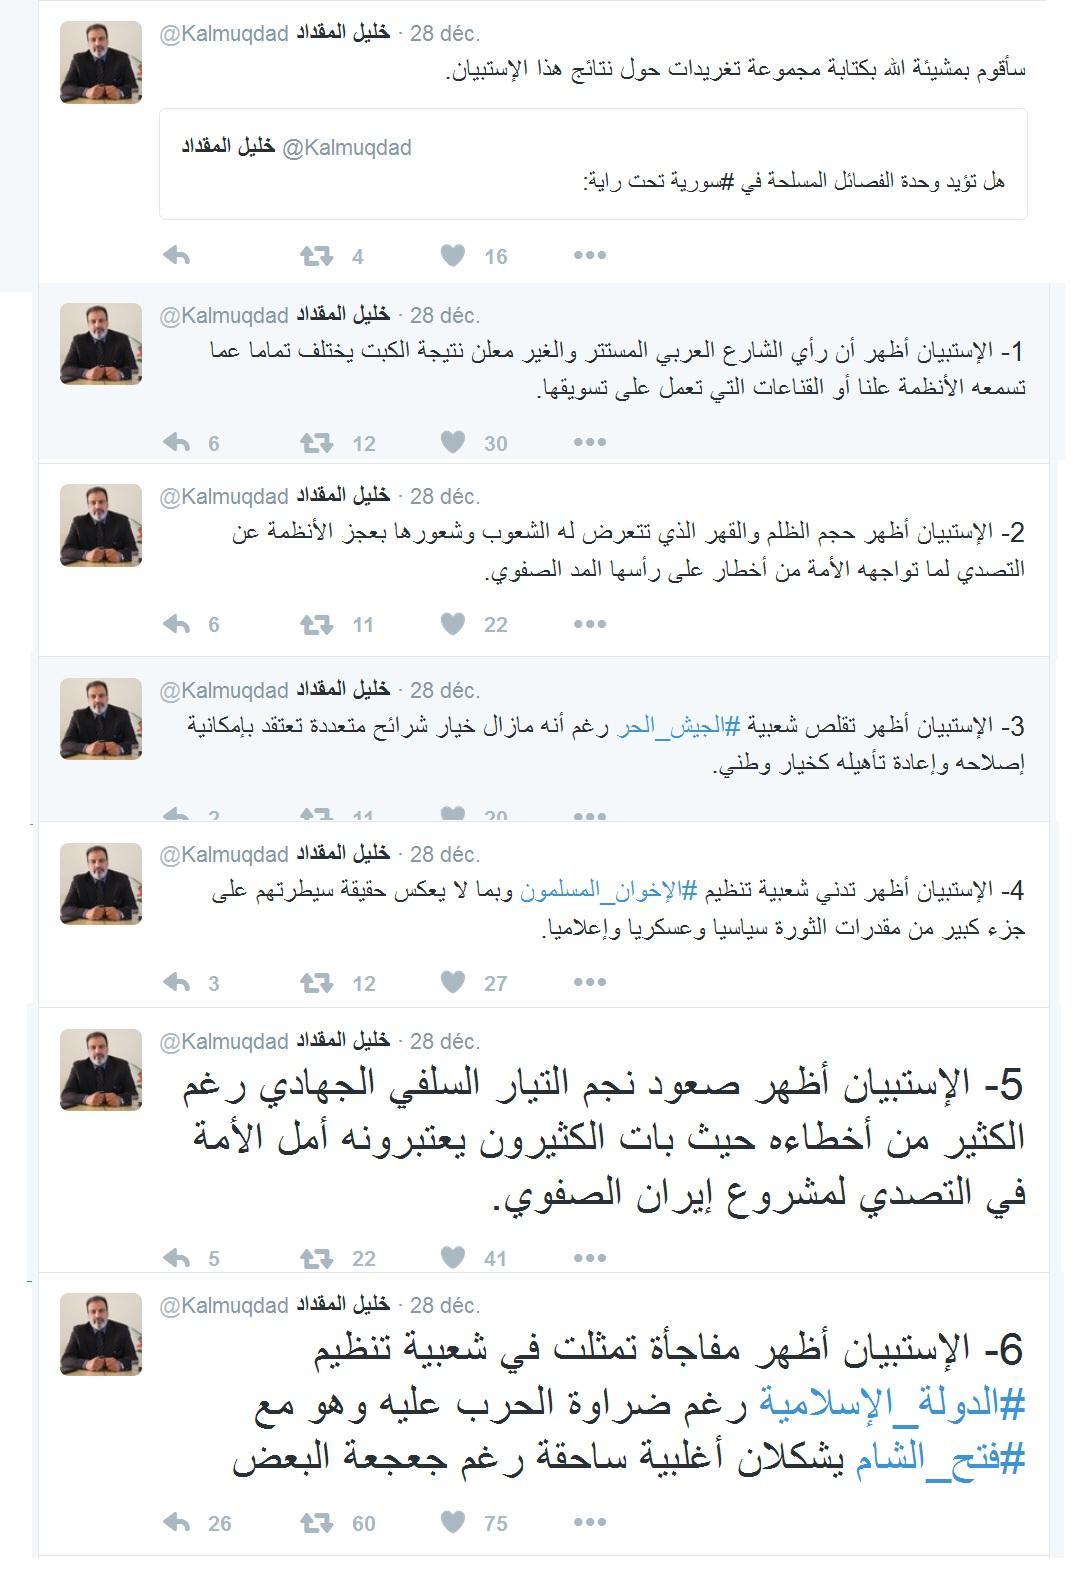 رغم تدليس ولكذب استفتاء يفرح المؤمنين ويغيظ المنافقين  183878111e